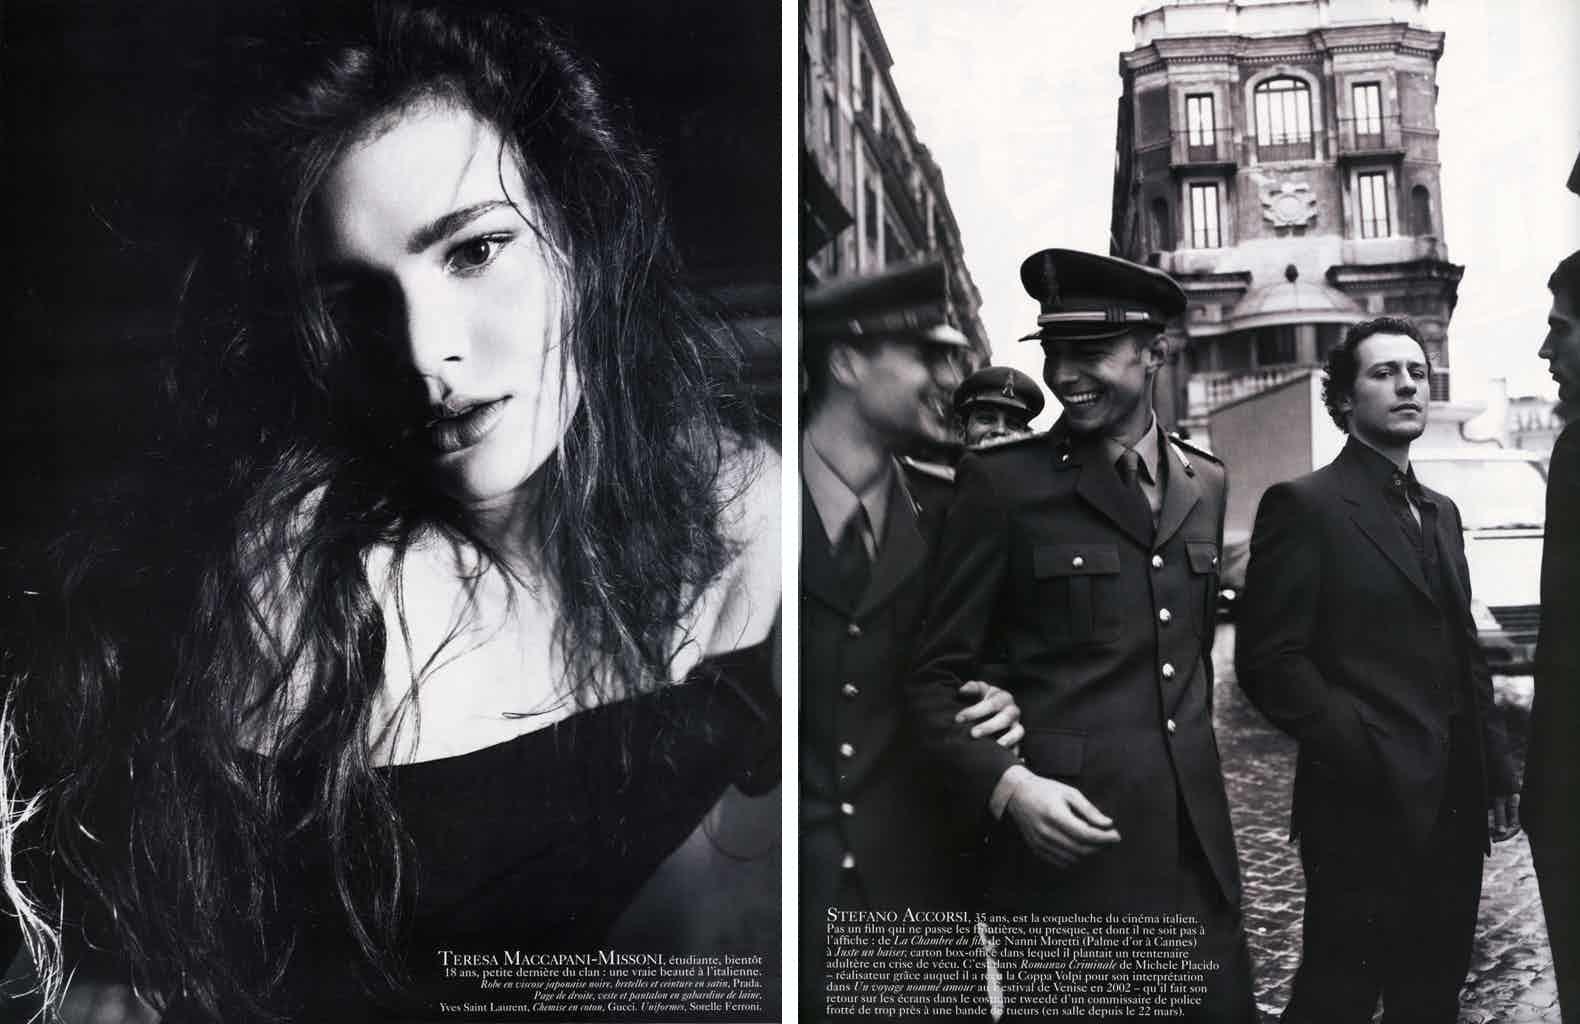 VOGUE PARIS - 2006 Photographer: Mario Testino Model: Carine Roitfeld Stylist: Eva Herzigova - Mariacarla Boscono Location: Rome - Italy